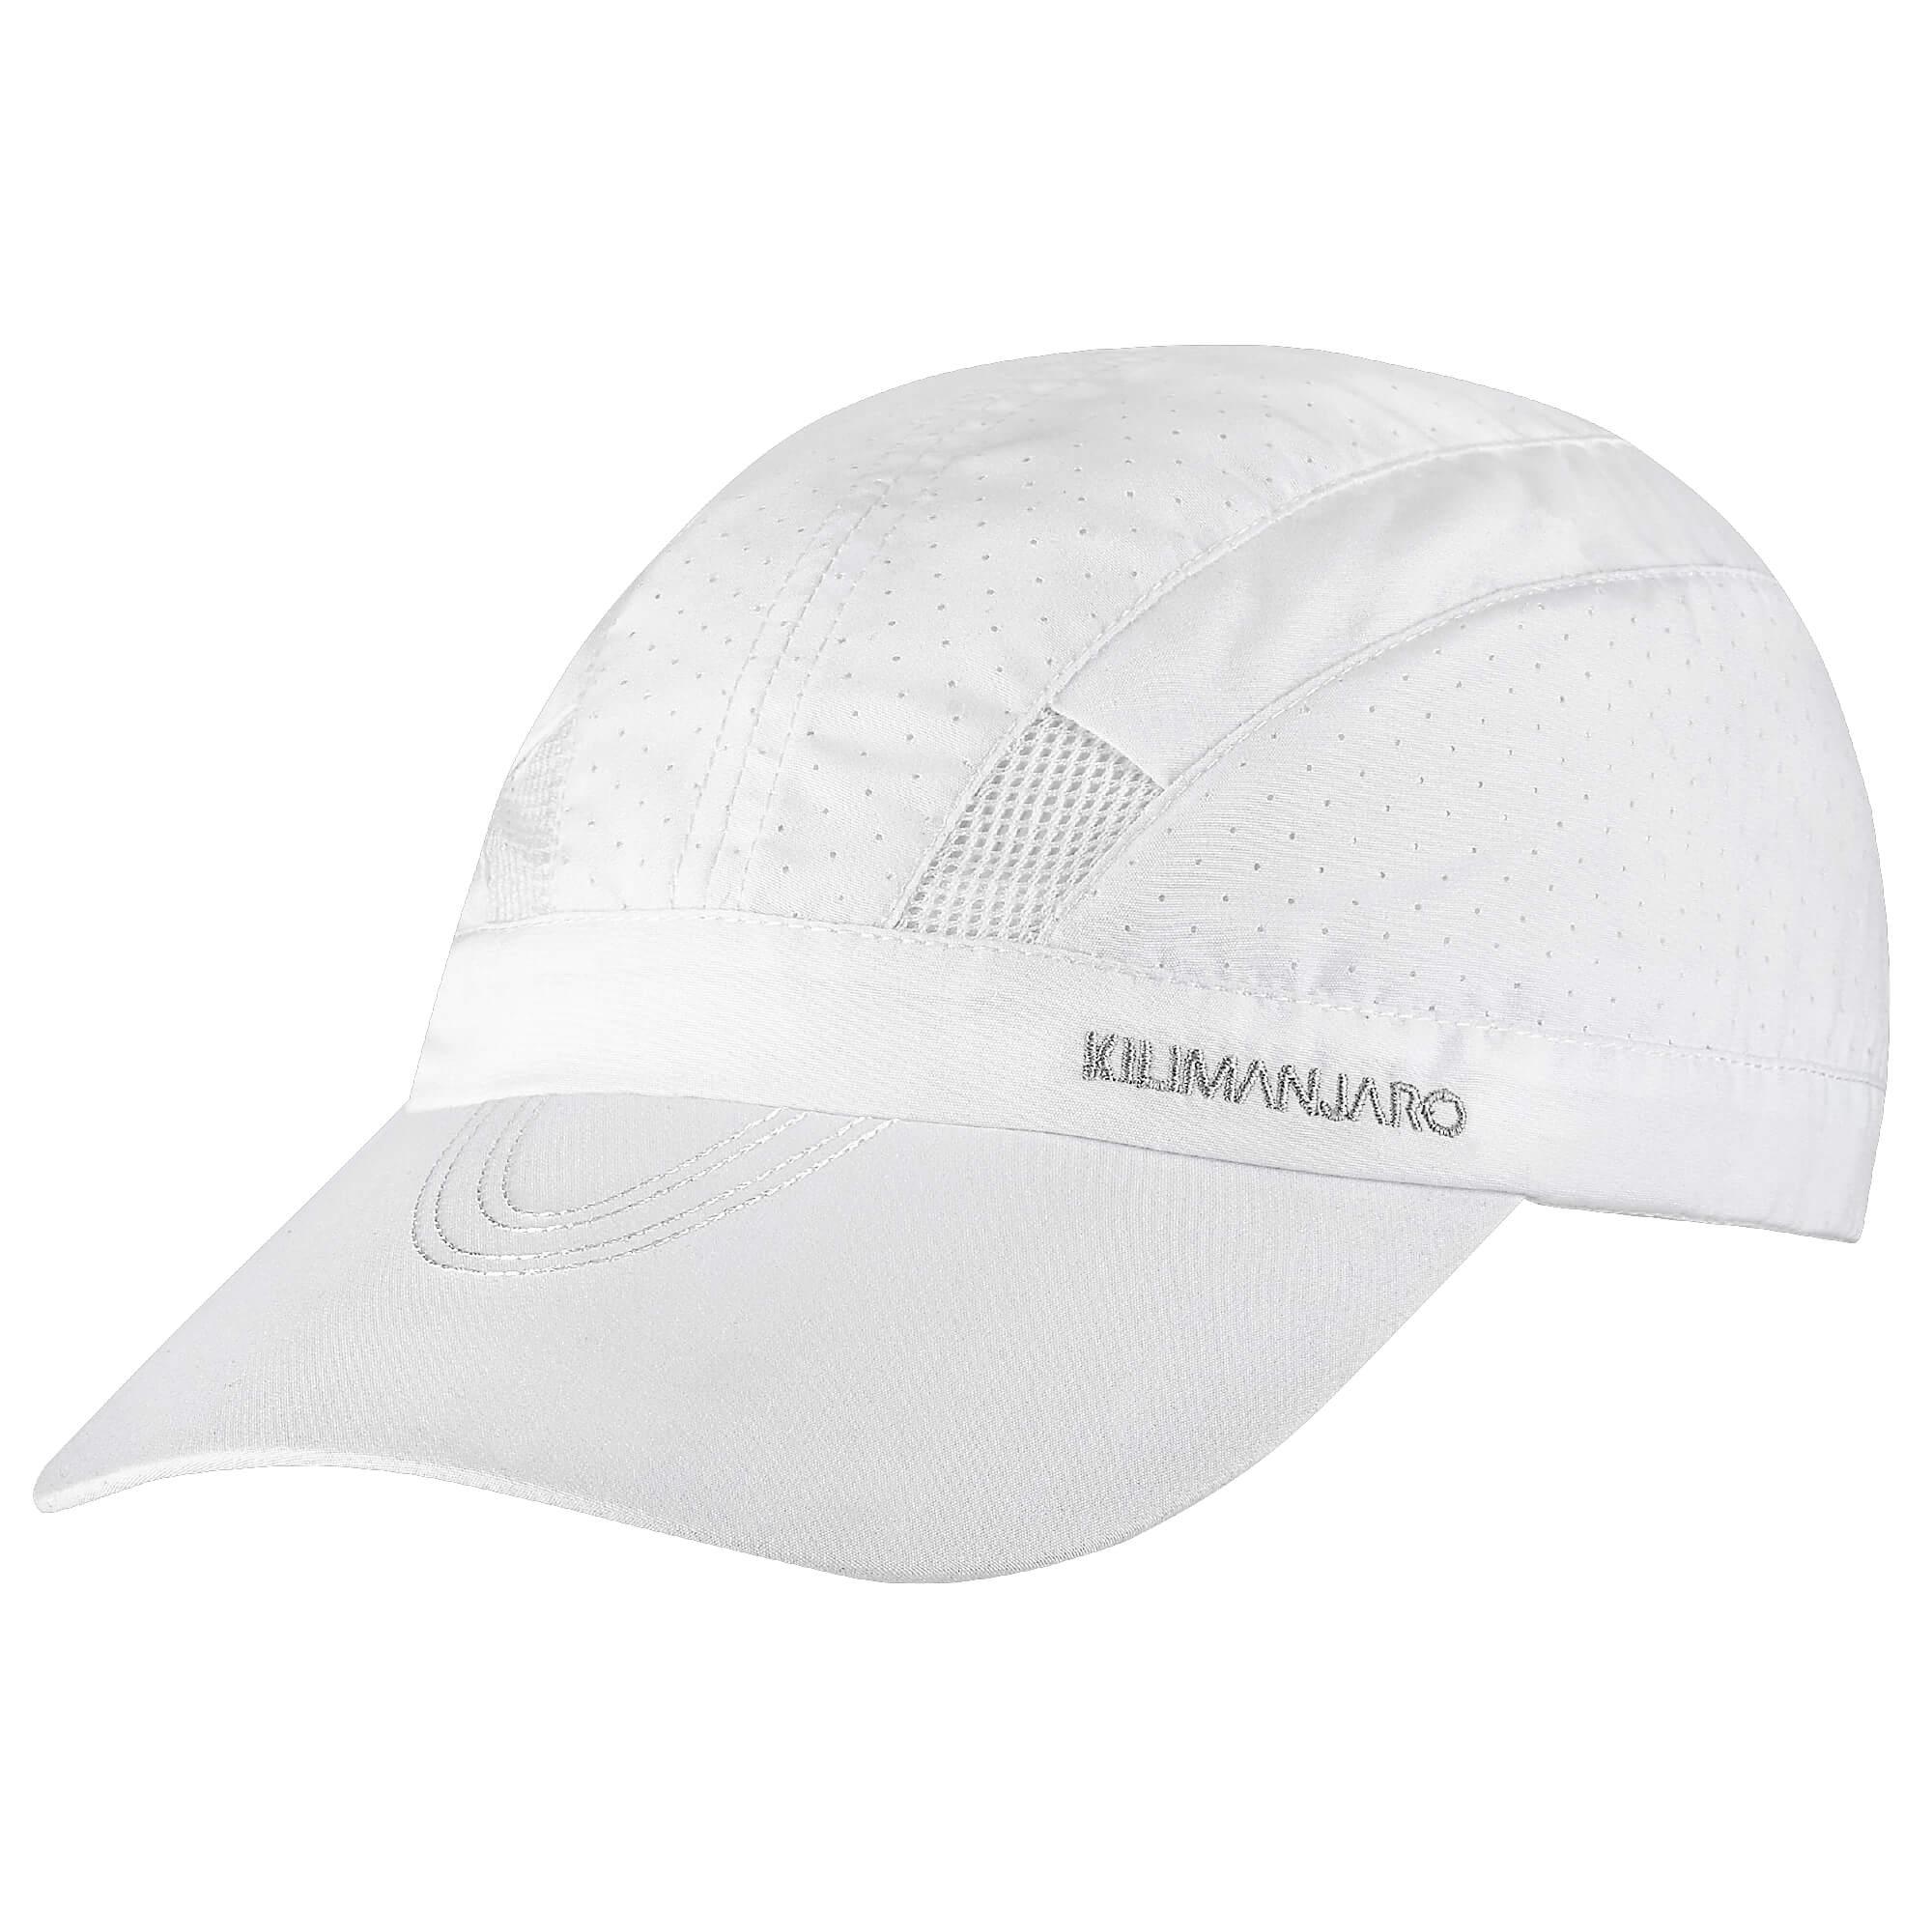 Basic Kilimanjaro poza